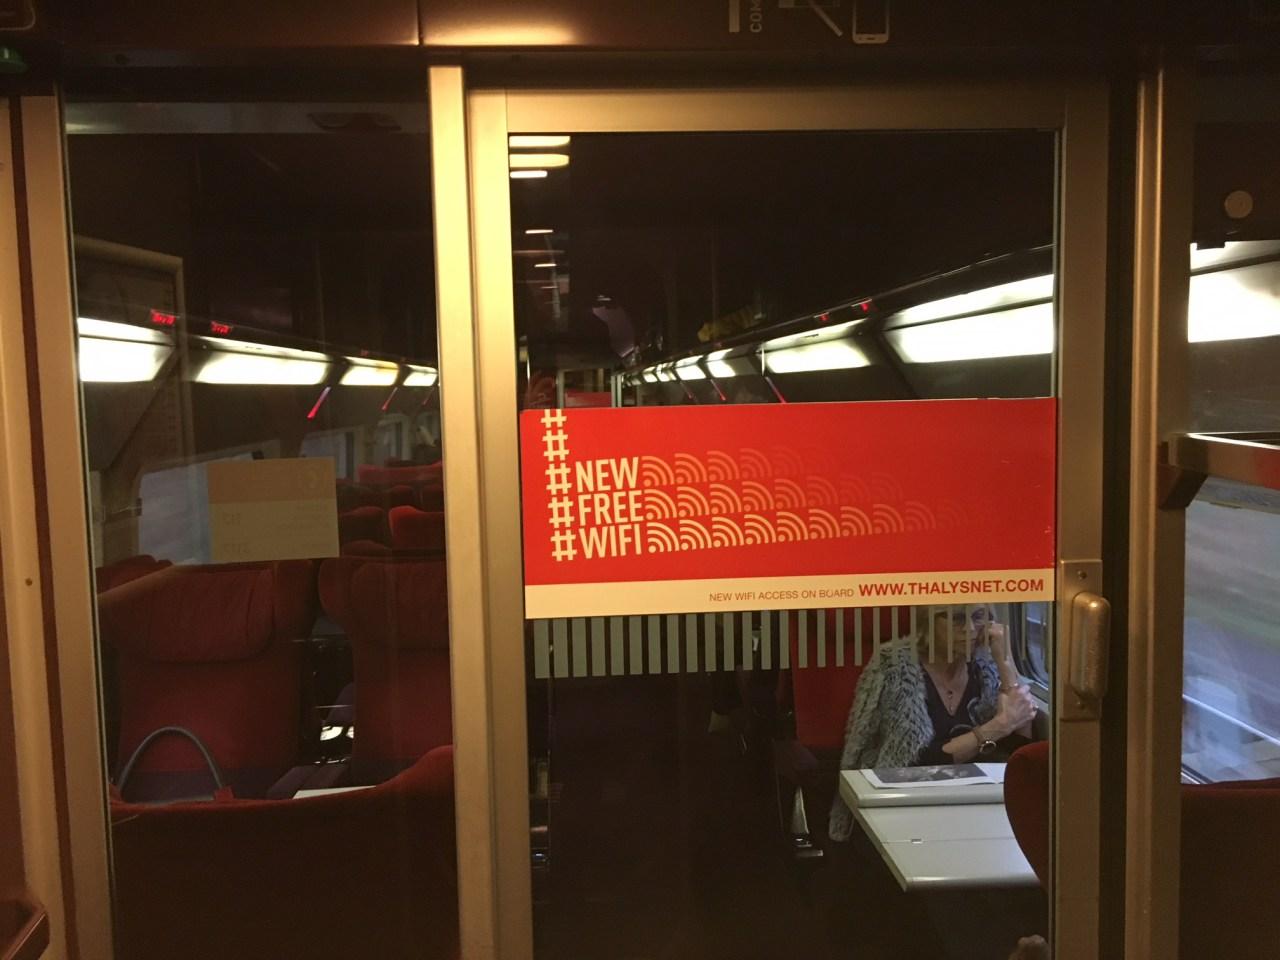 Thalys: Free WiFi